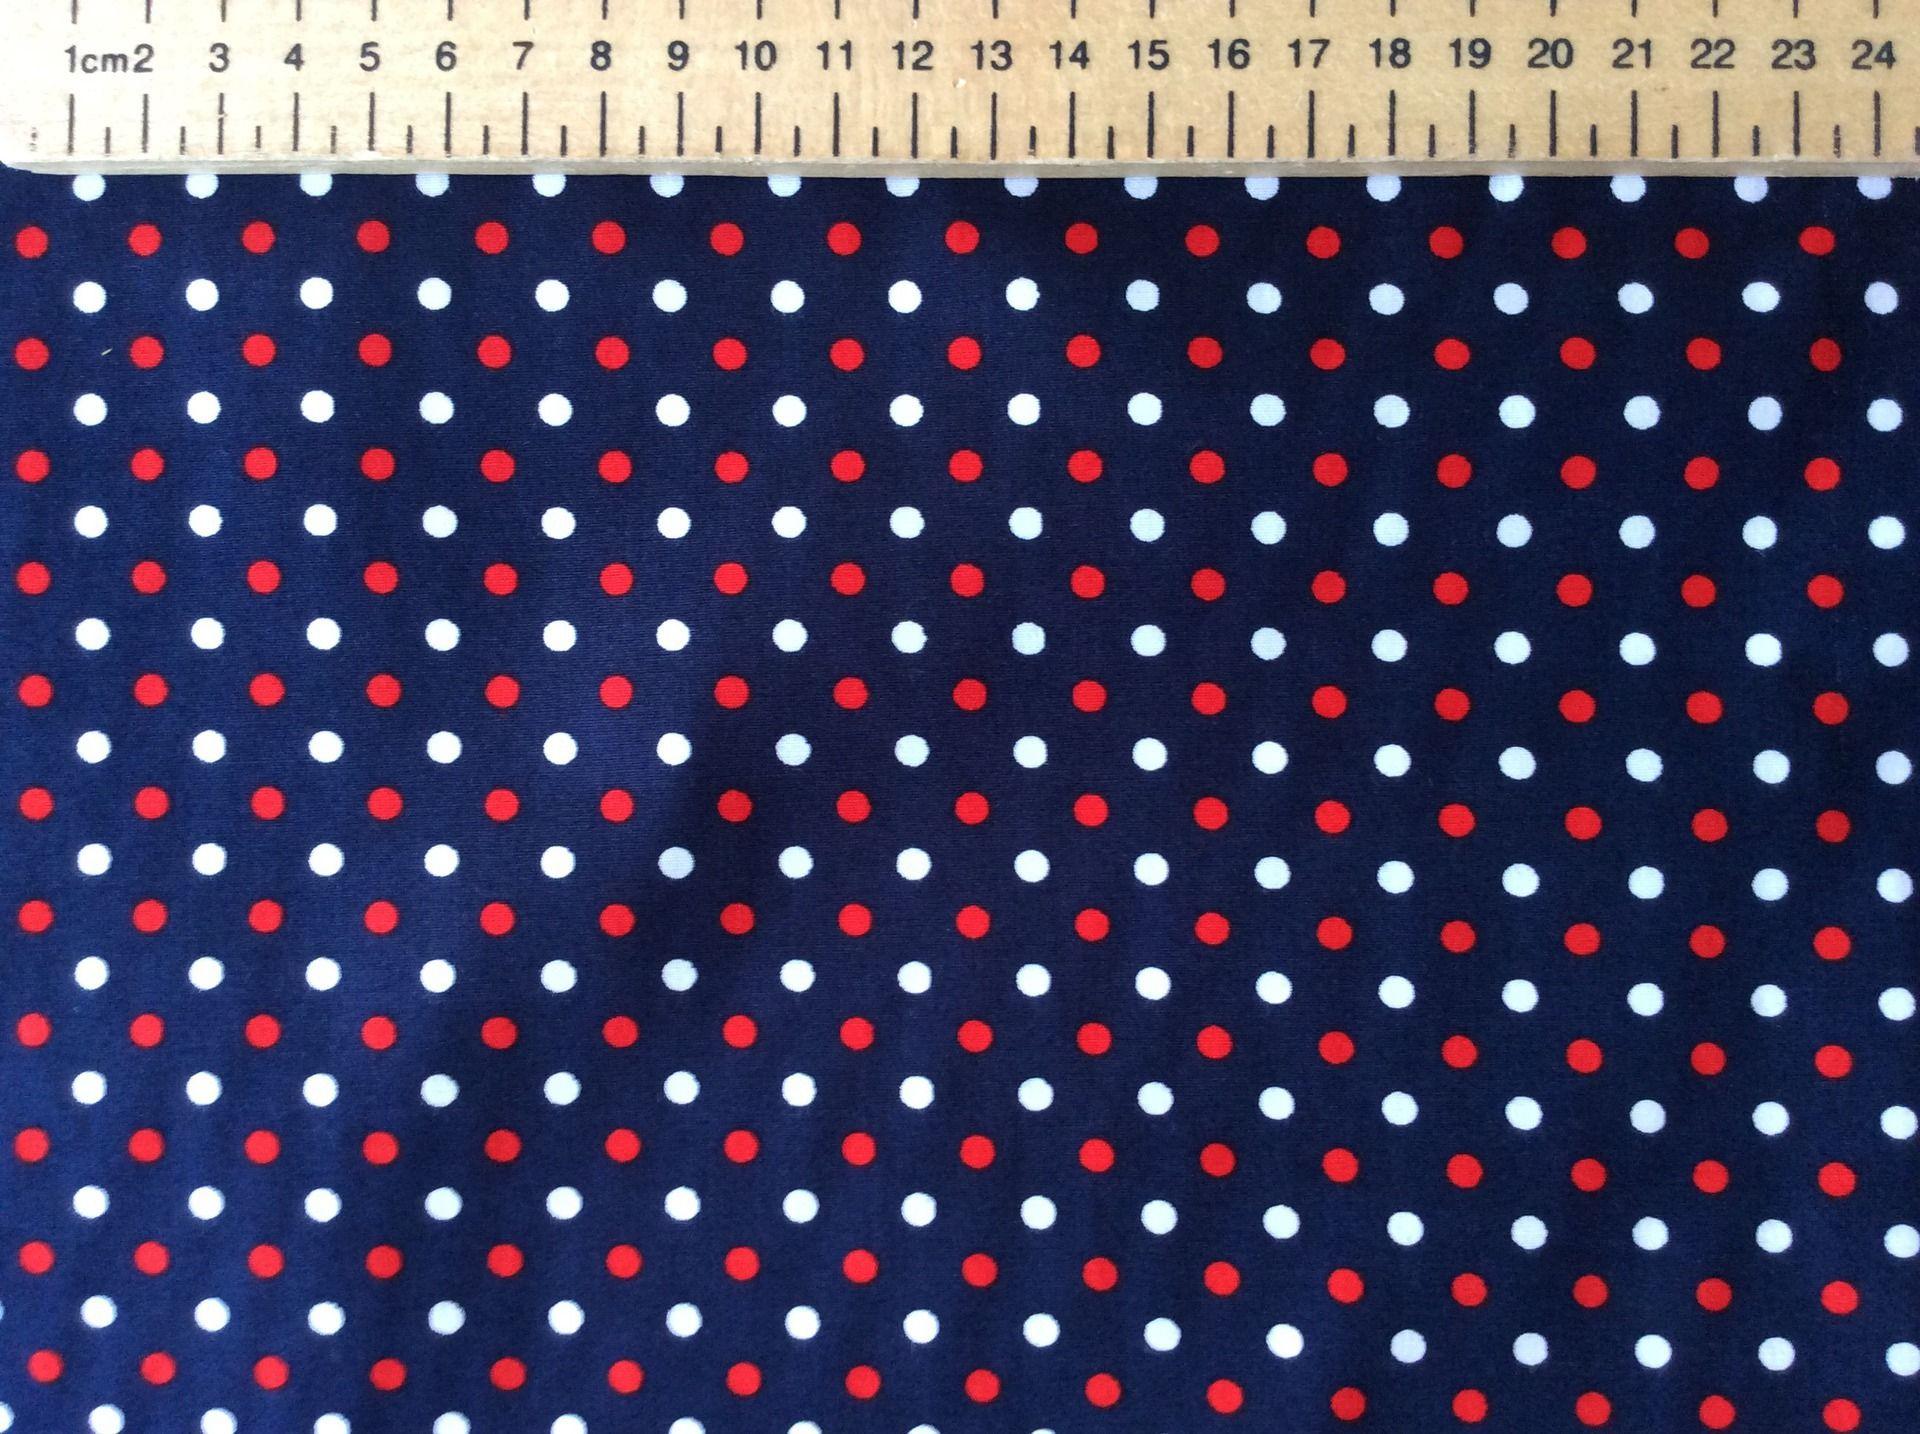 Tissu japonais style liberty of London, petits pois rouges et blancs sur fond bleu marine